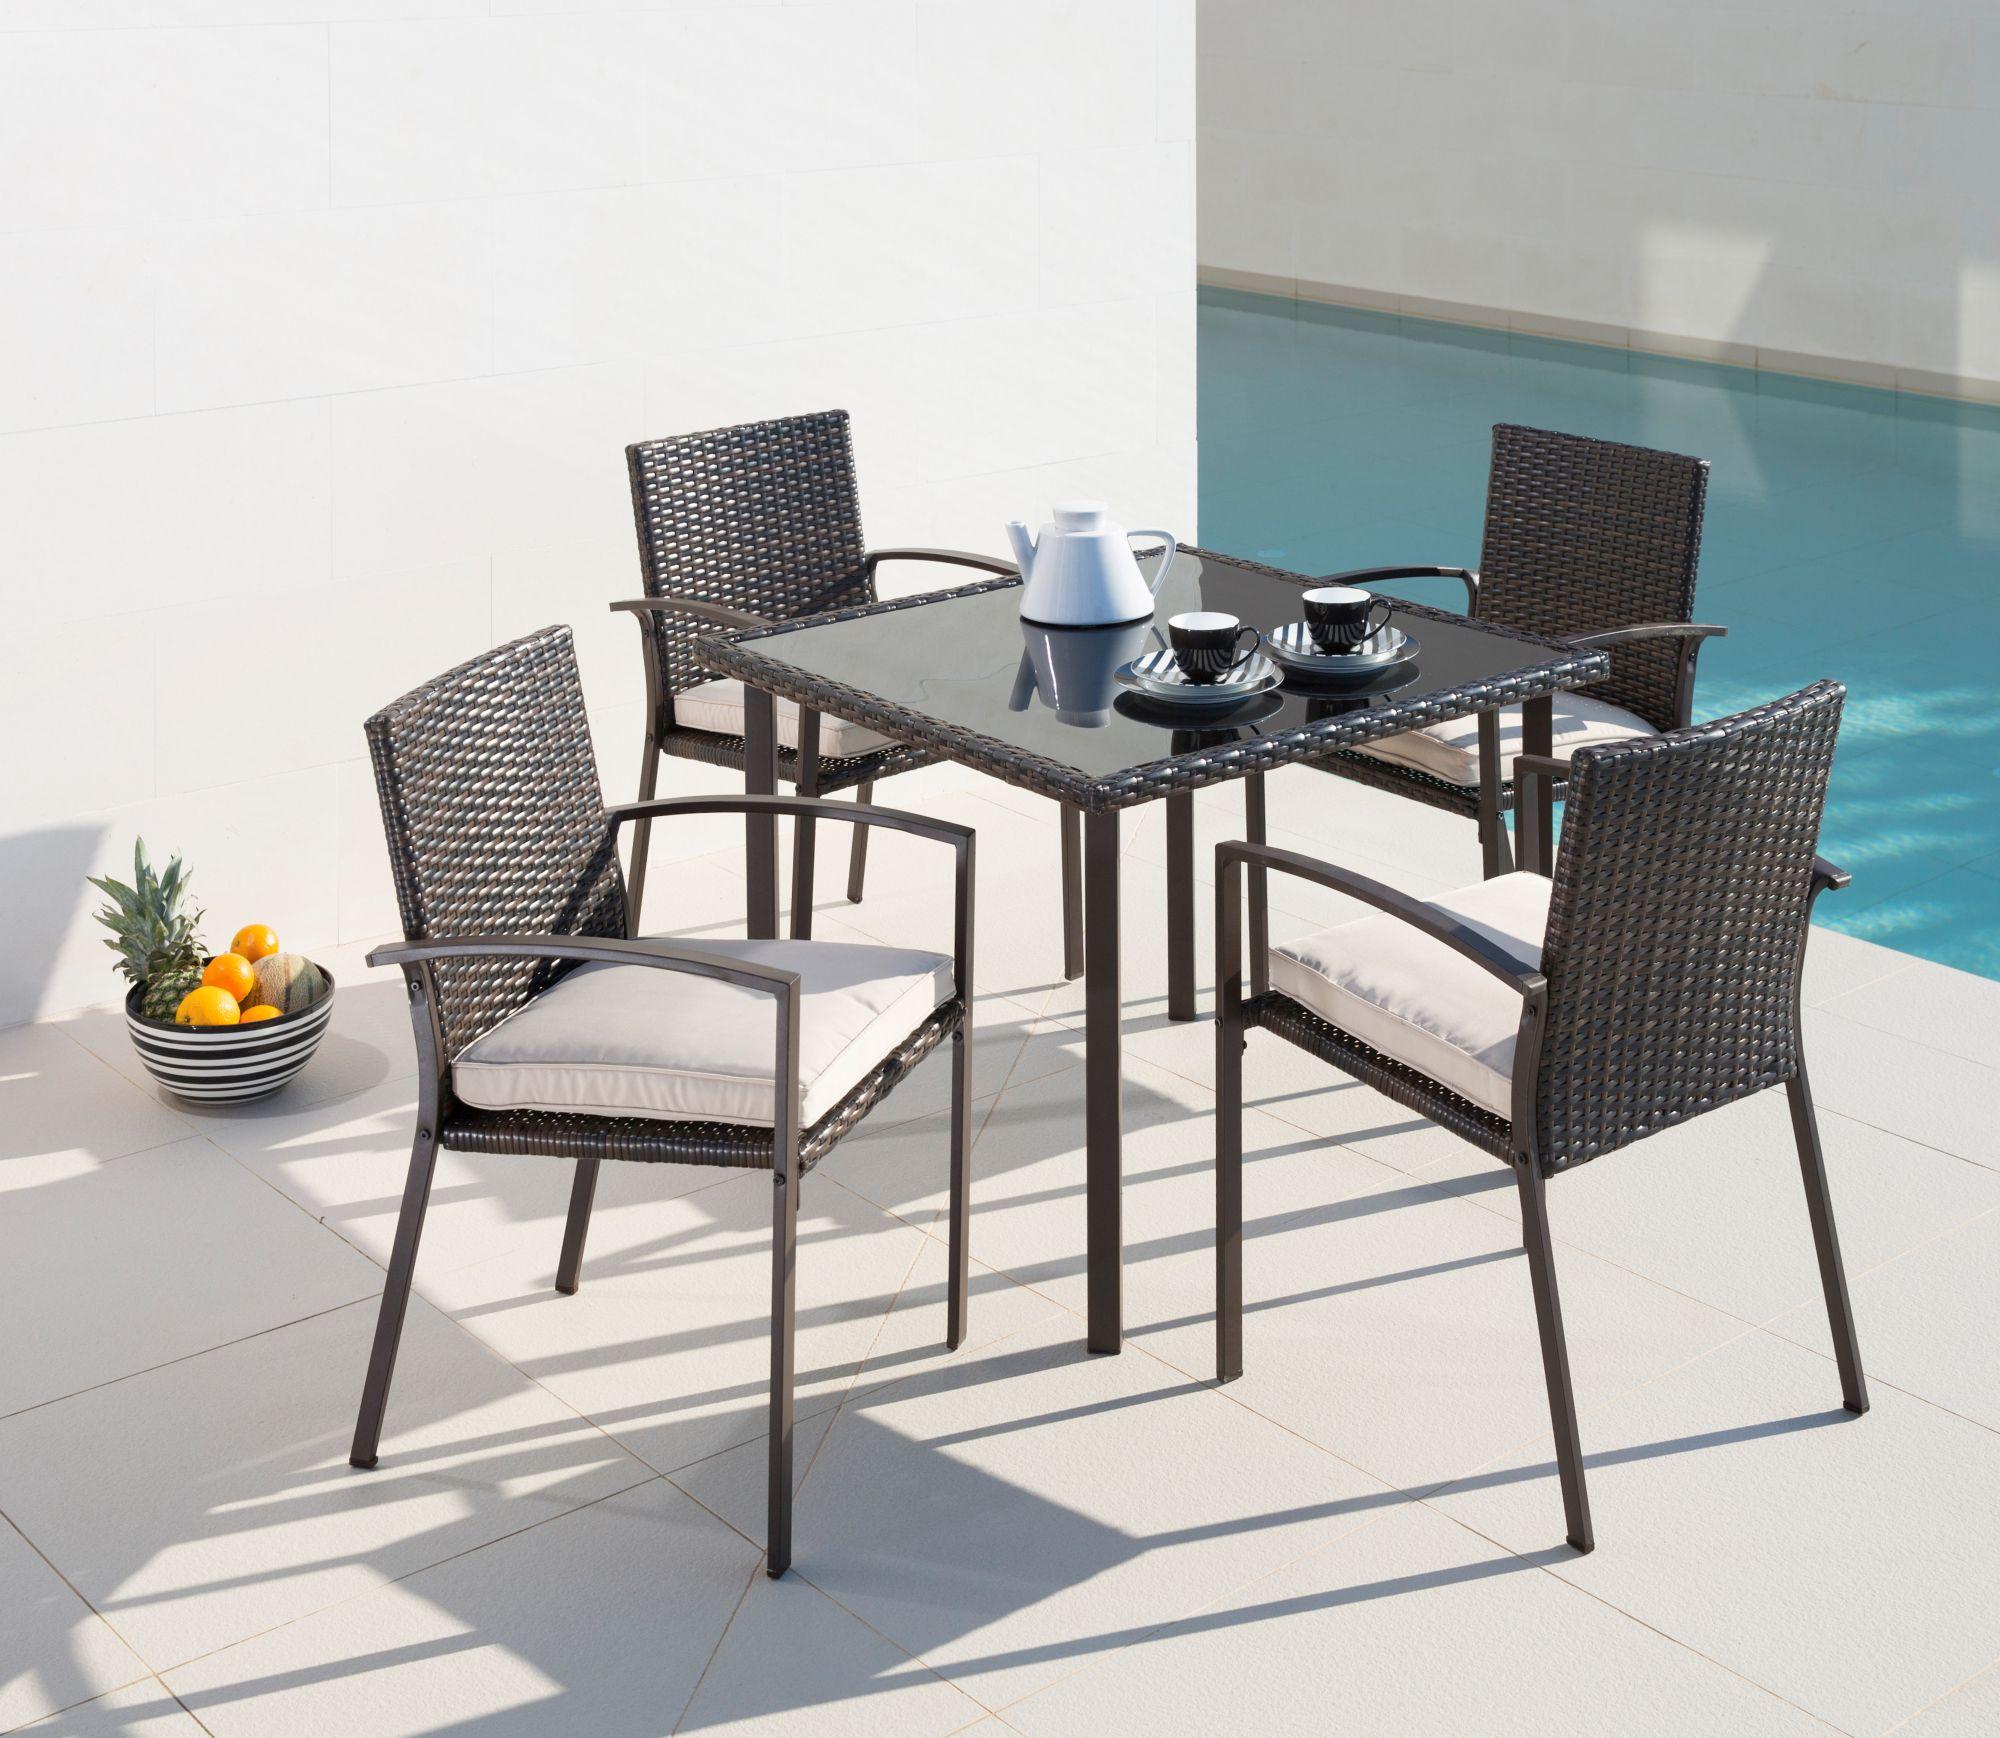 gartenmoebel set g nstig online kaufen beim schwab versand. Black Bedroom Furniture Sets. Home Design Ideas